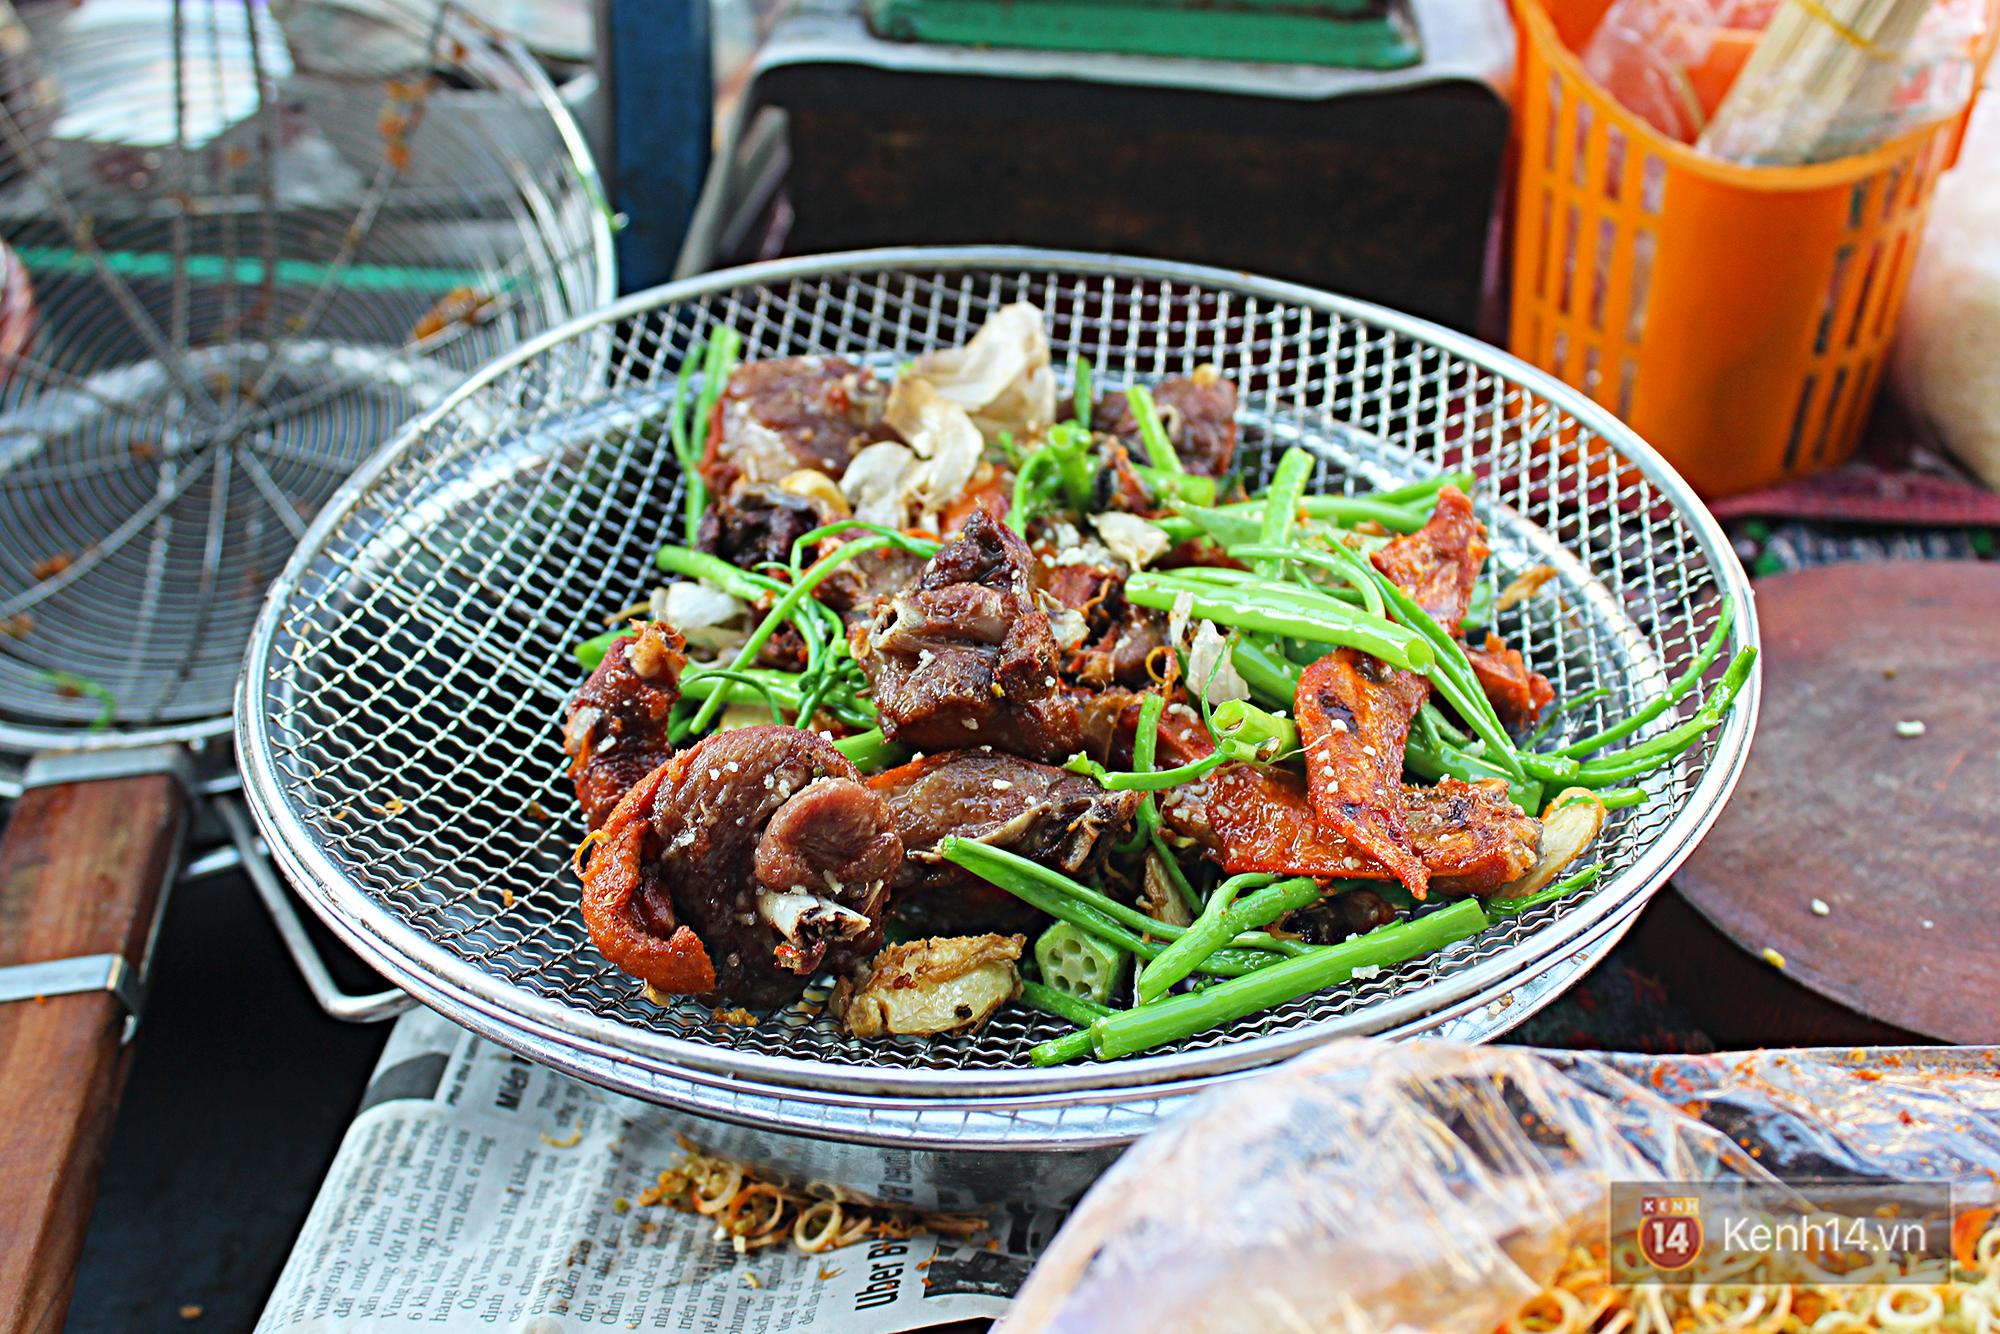 Vịt chiên sả ớt siêu hấp dẫn ở Sài Gòn: chỉ 20k đã có hộp đầy ắp - Ảnh 7.